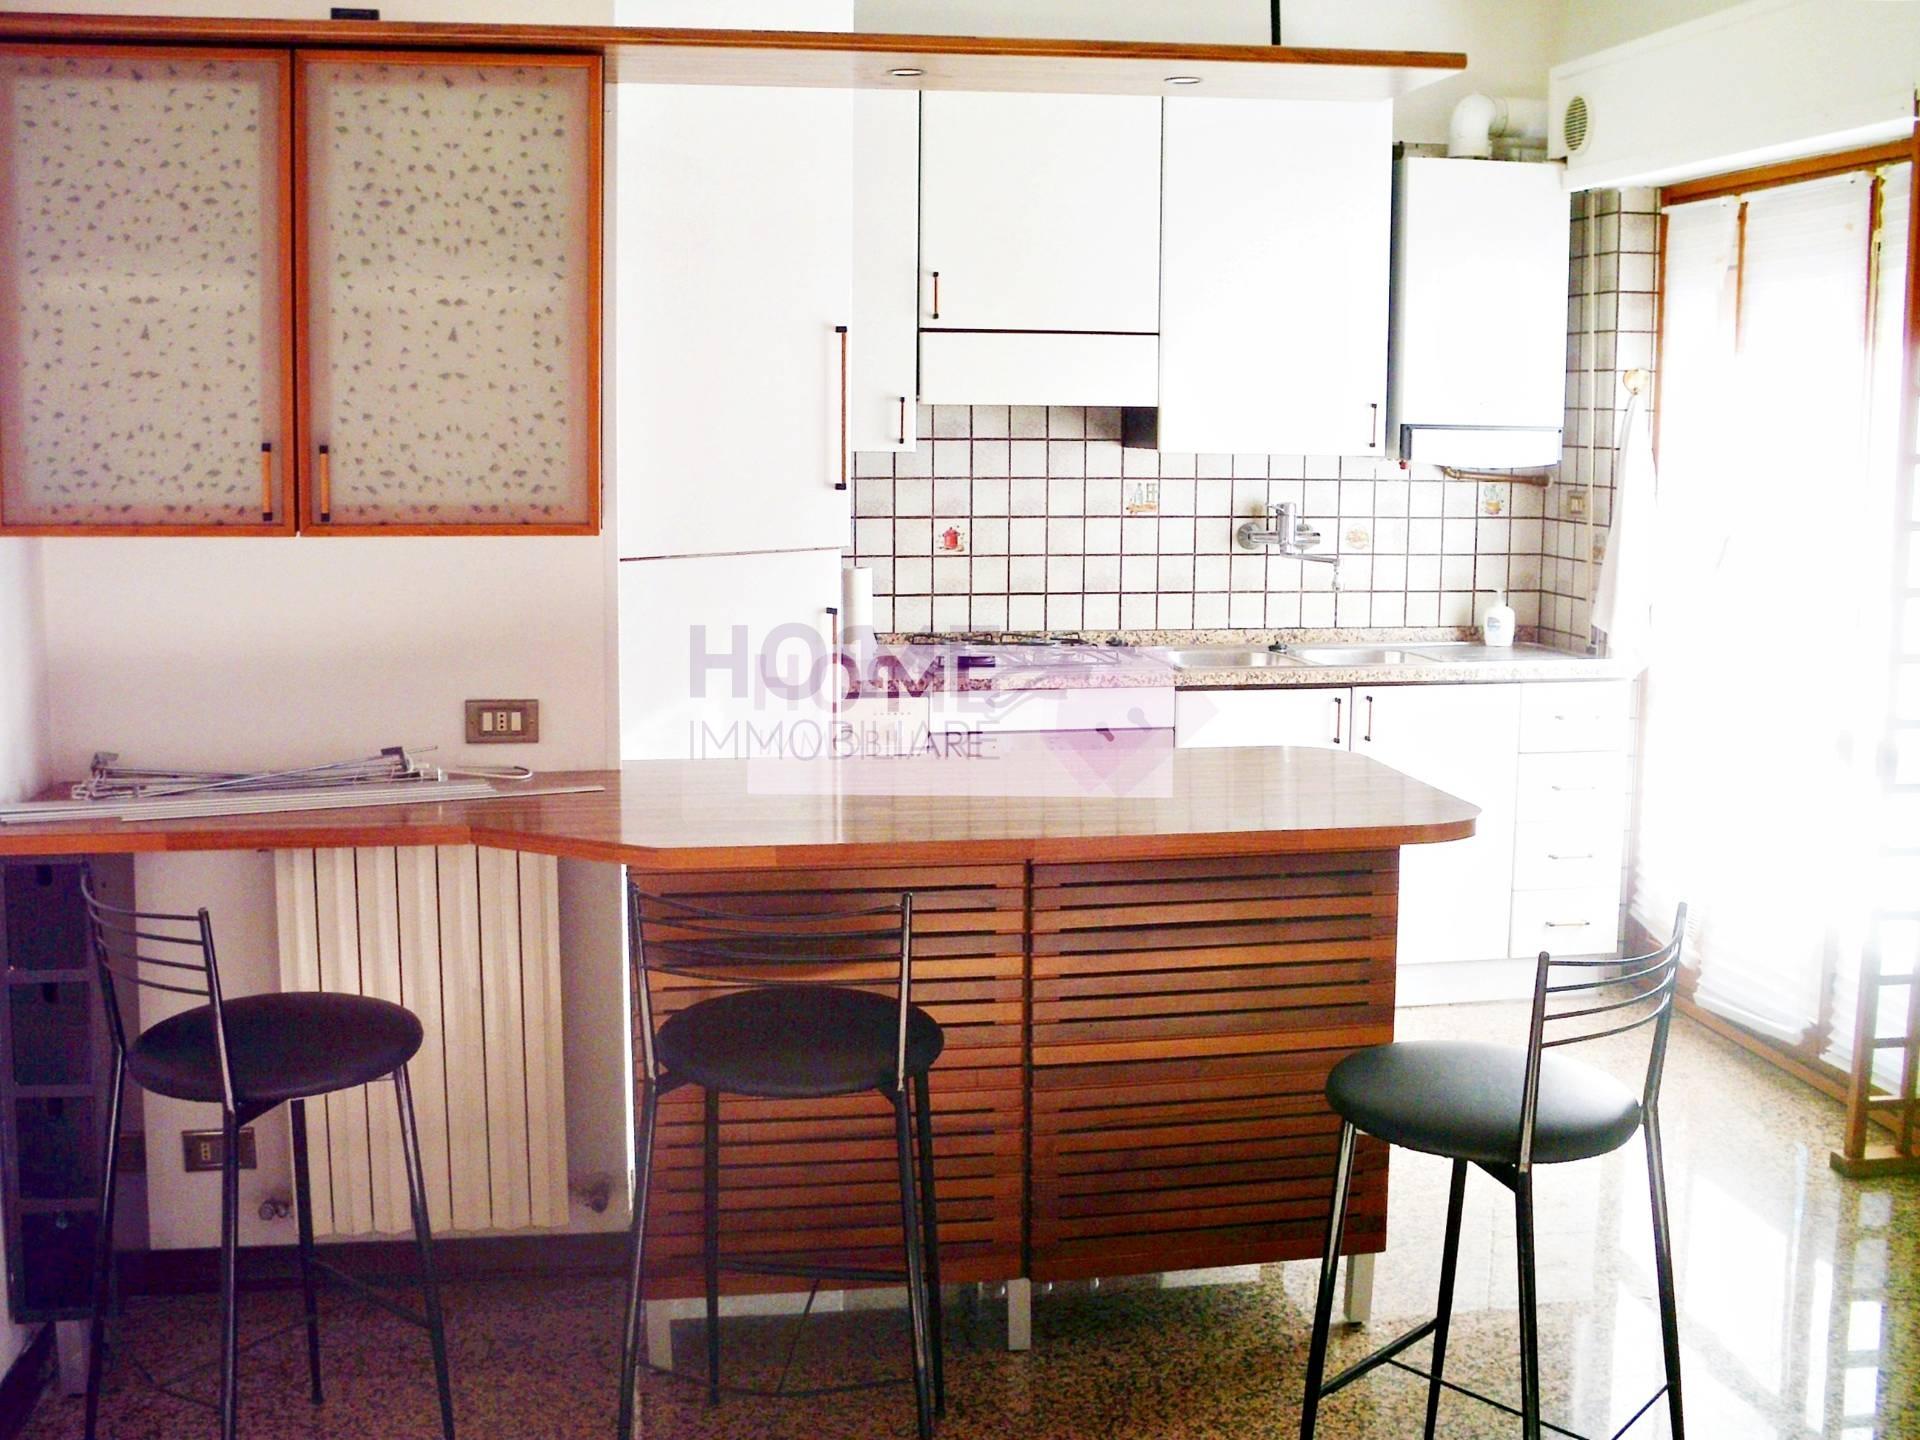 Appartamento in affitto a Macerata, 5 locali, zona Zona: Semicentrale, prezzo € 500 | CambioCasa.it